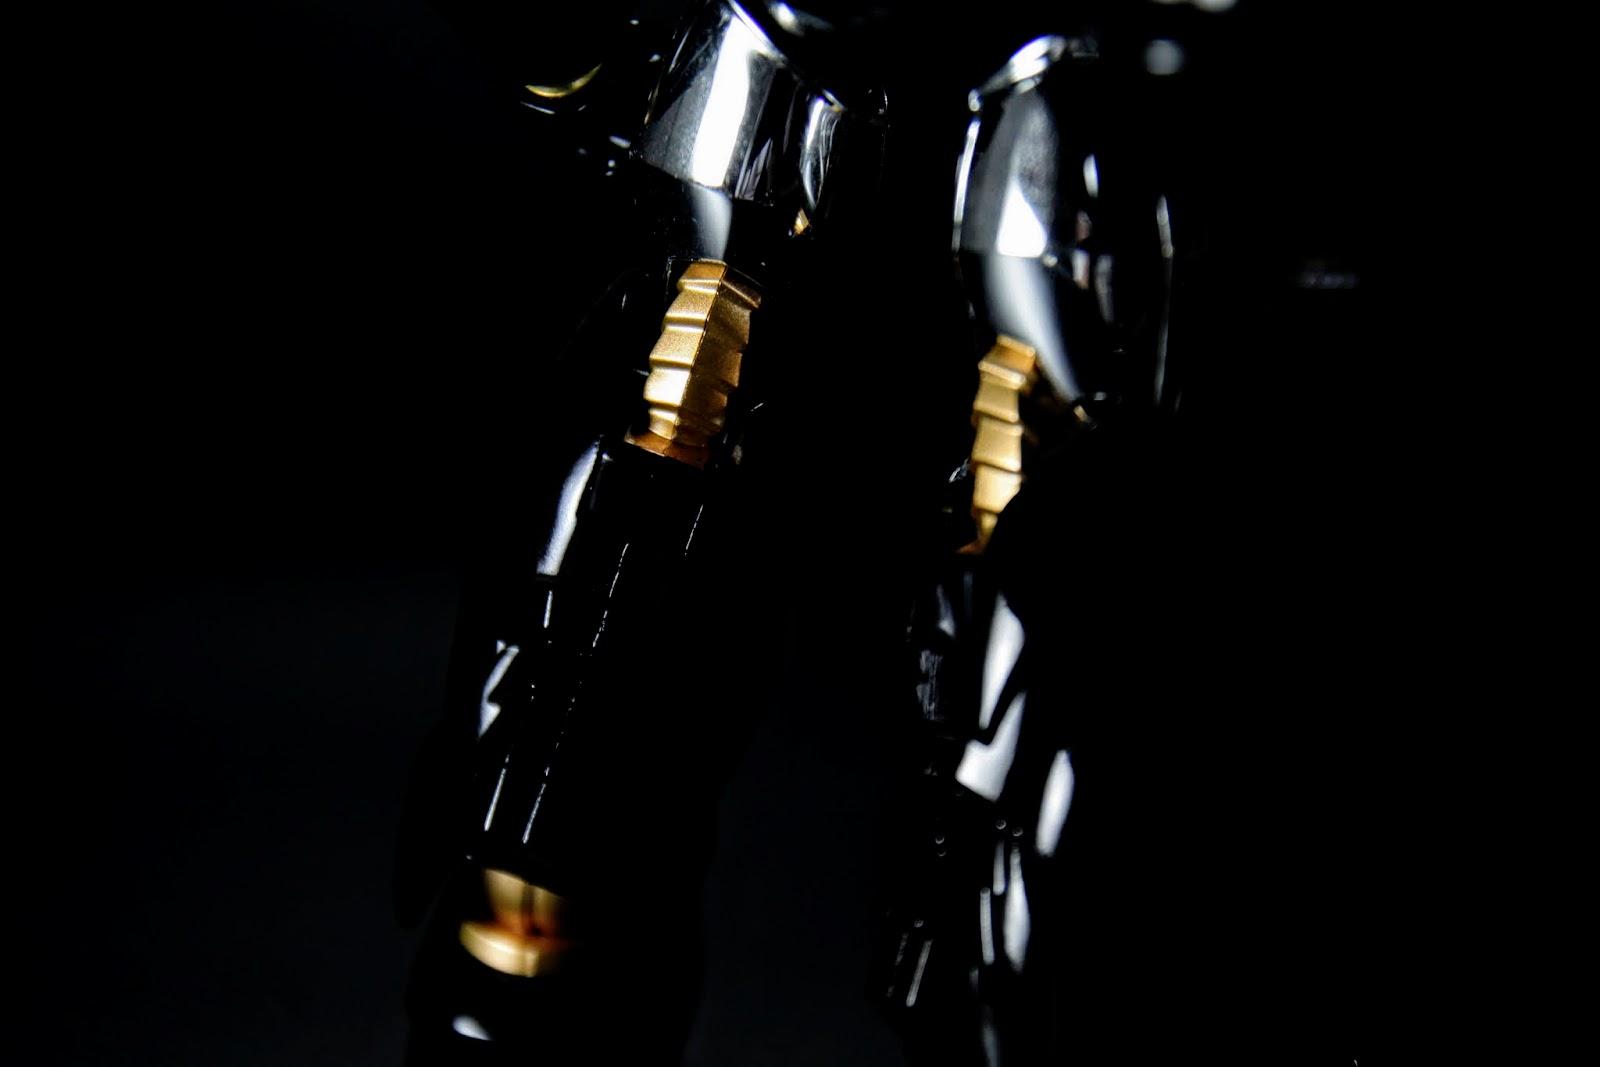 腿部其實造型很好看,關節有蛇腹的感覺